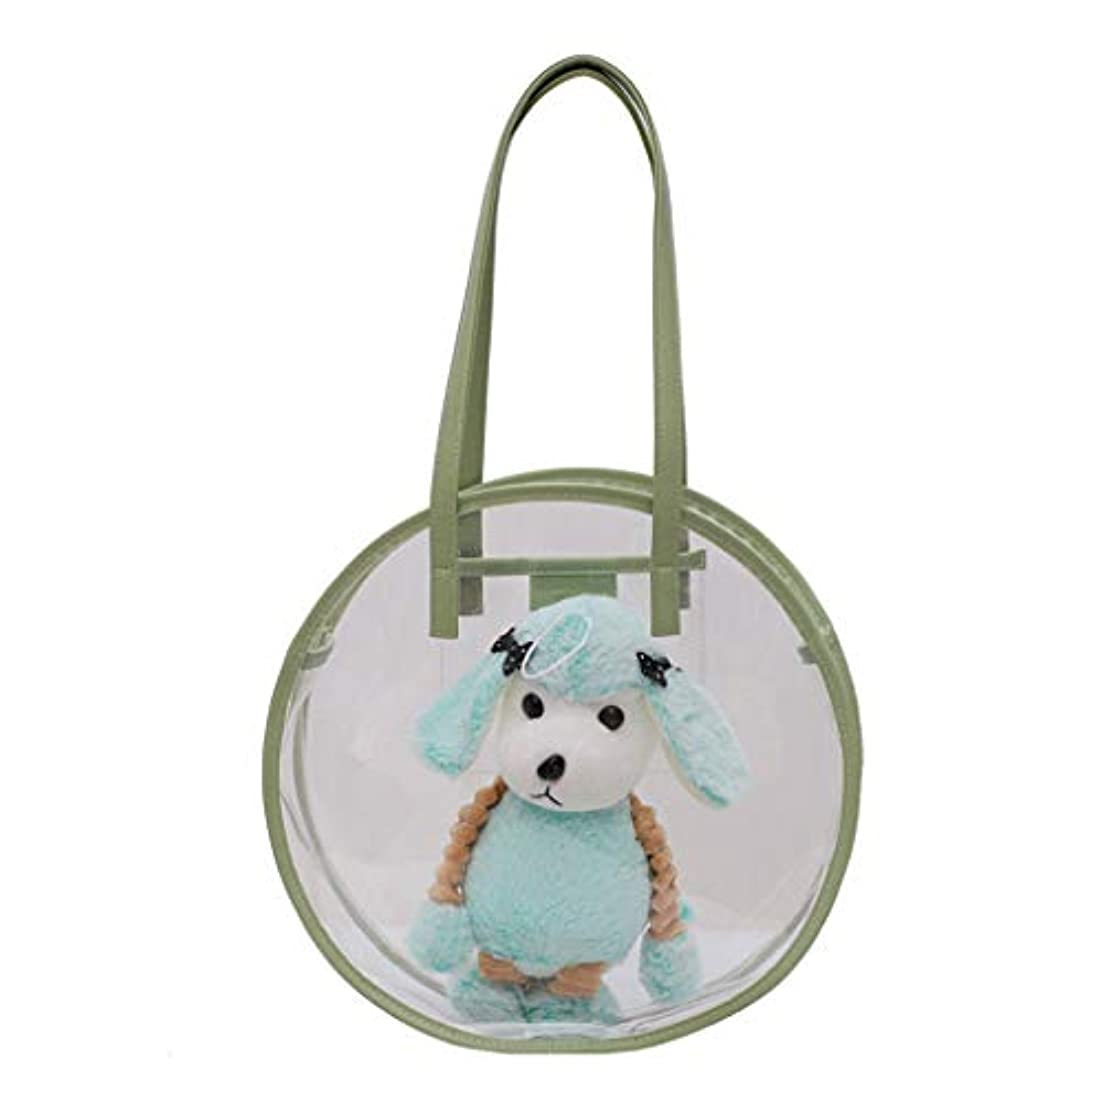 ハンカチ暴動シャイかわいいファッション 犬の特徴 透明防水 ビーチバッグ ポータブル 透明化粧品バッグ 旅行用メイクポーチ ジッパー 防水 トートバッグ 取り外し可能 調整 33X9X33cm 3色